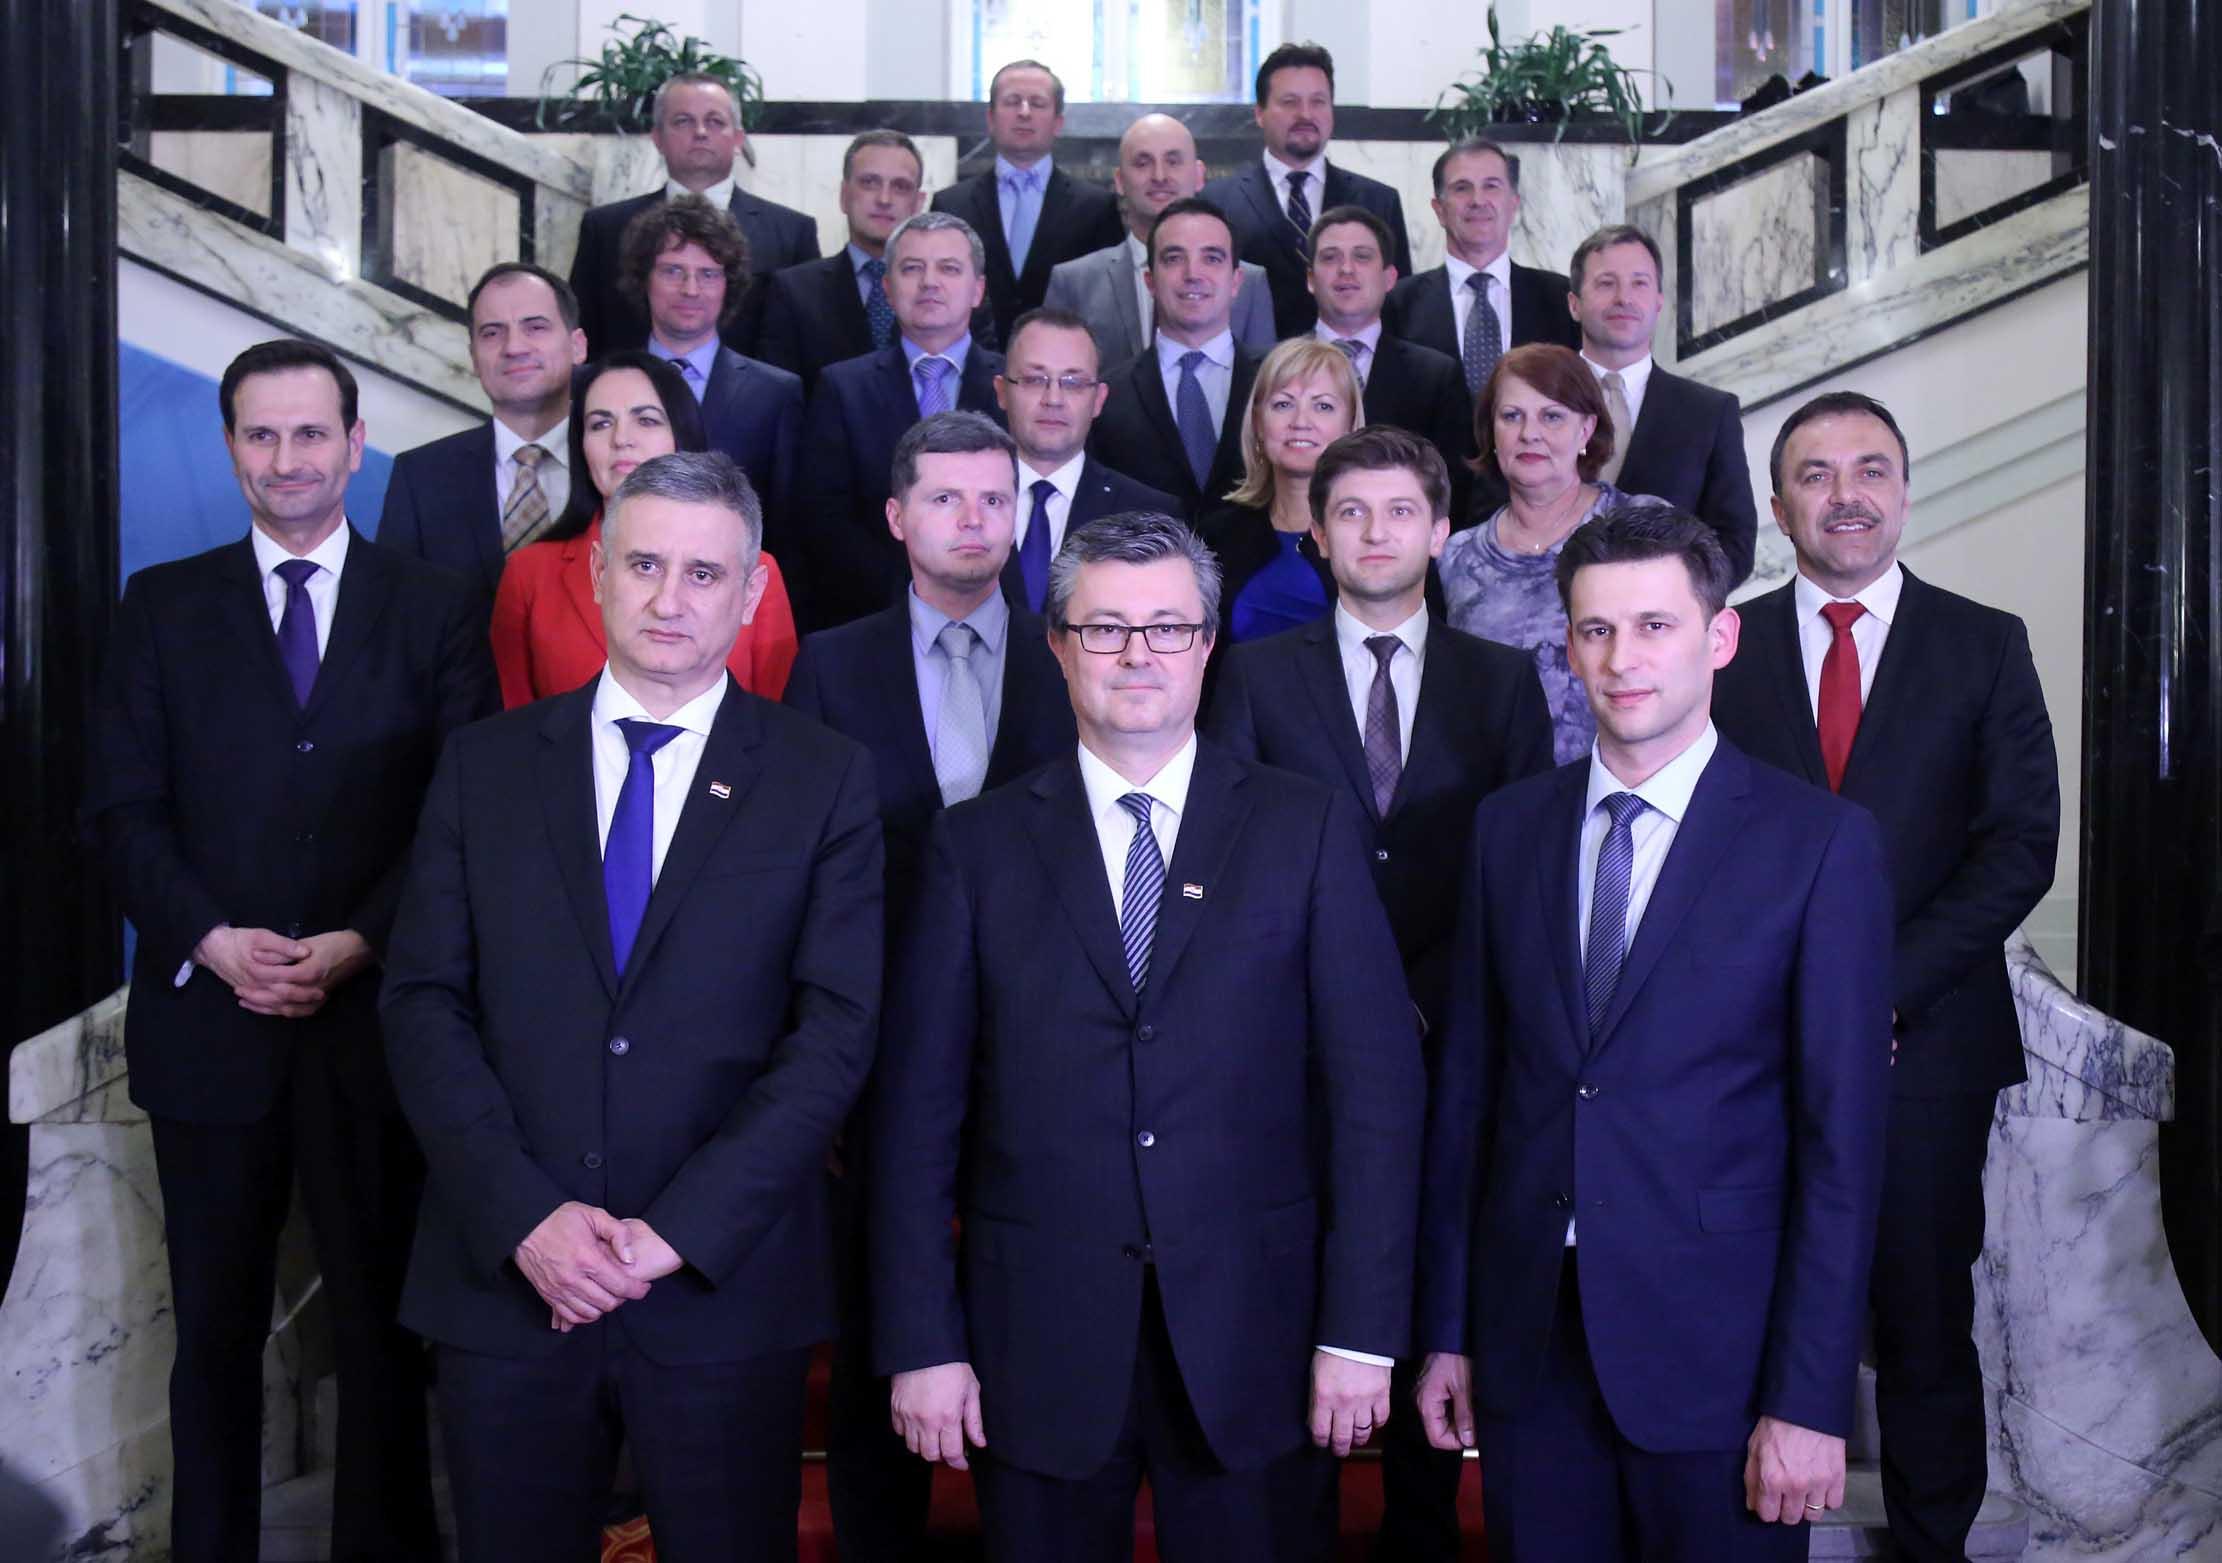 Evo koji fakultet je završilo najviše ministara u novoj hrvatskoj Vladi